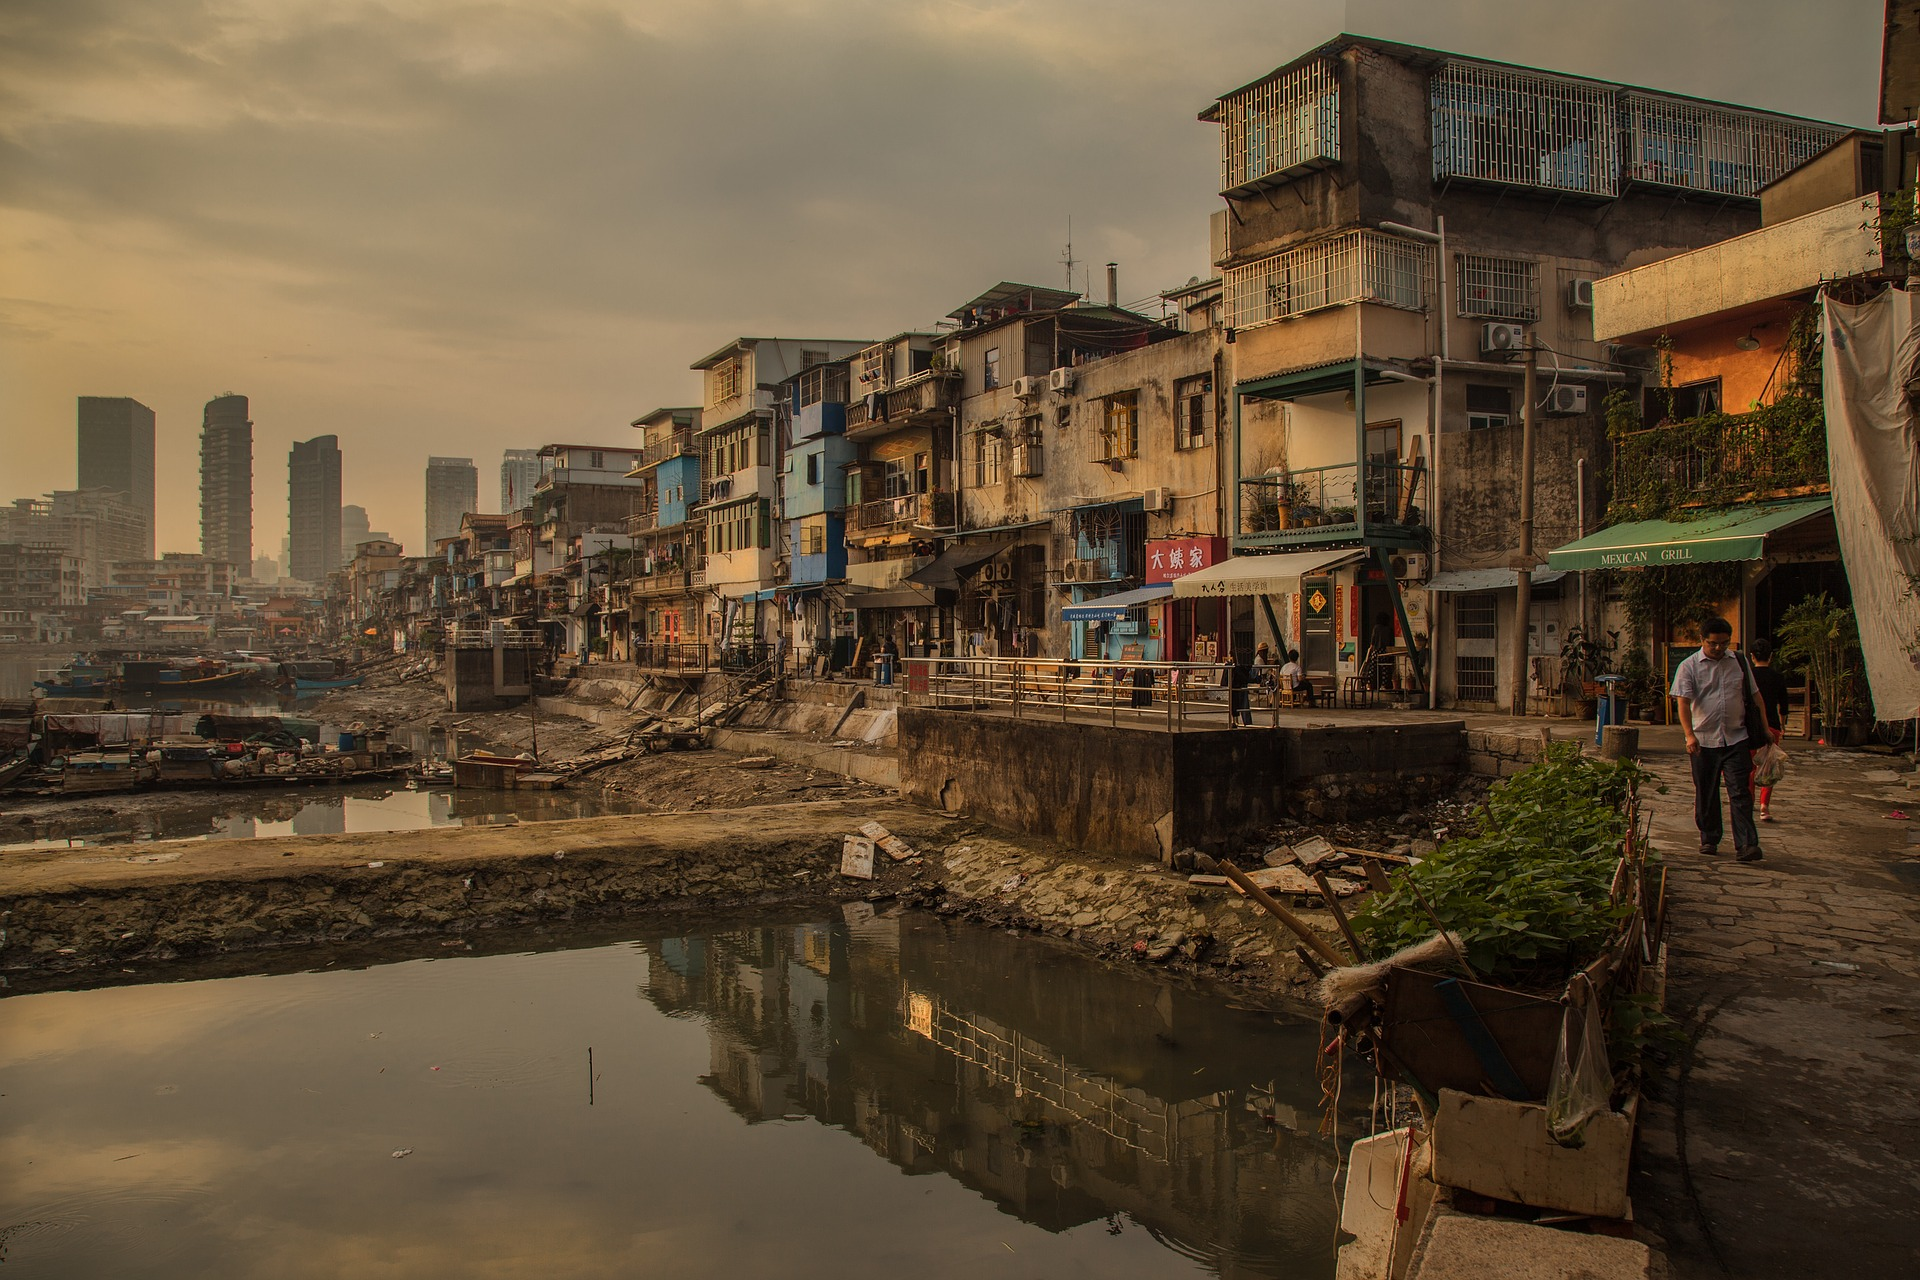 ¿Sostenibilidad sin equidad? Suburbios de Xiamen